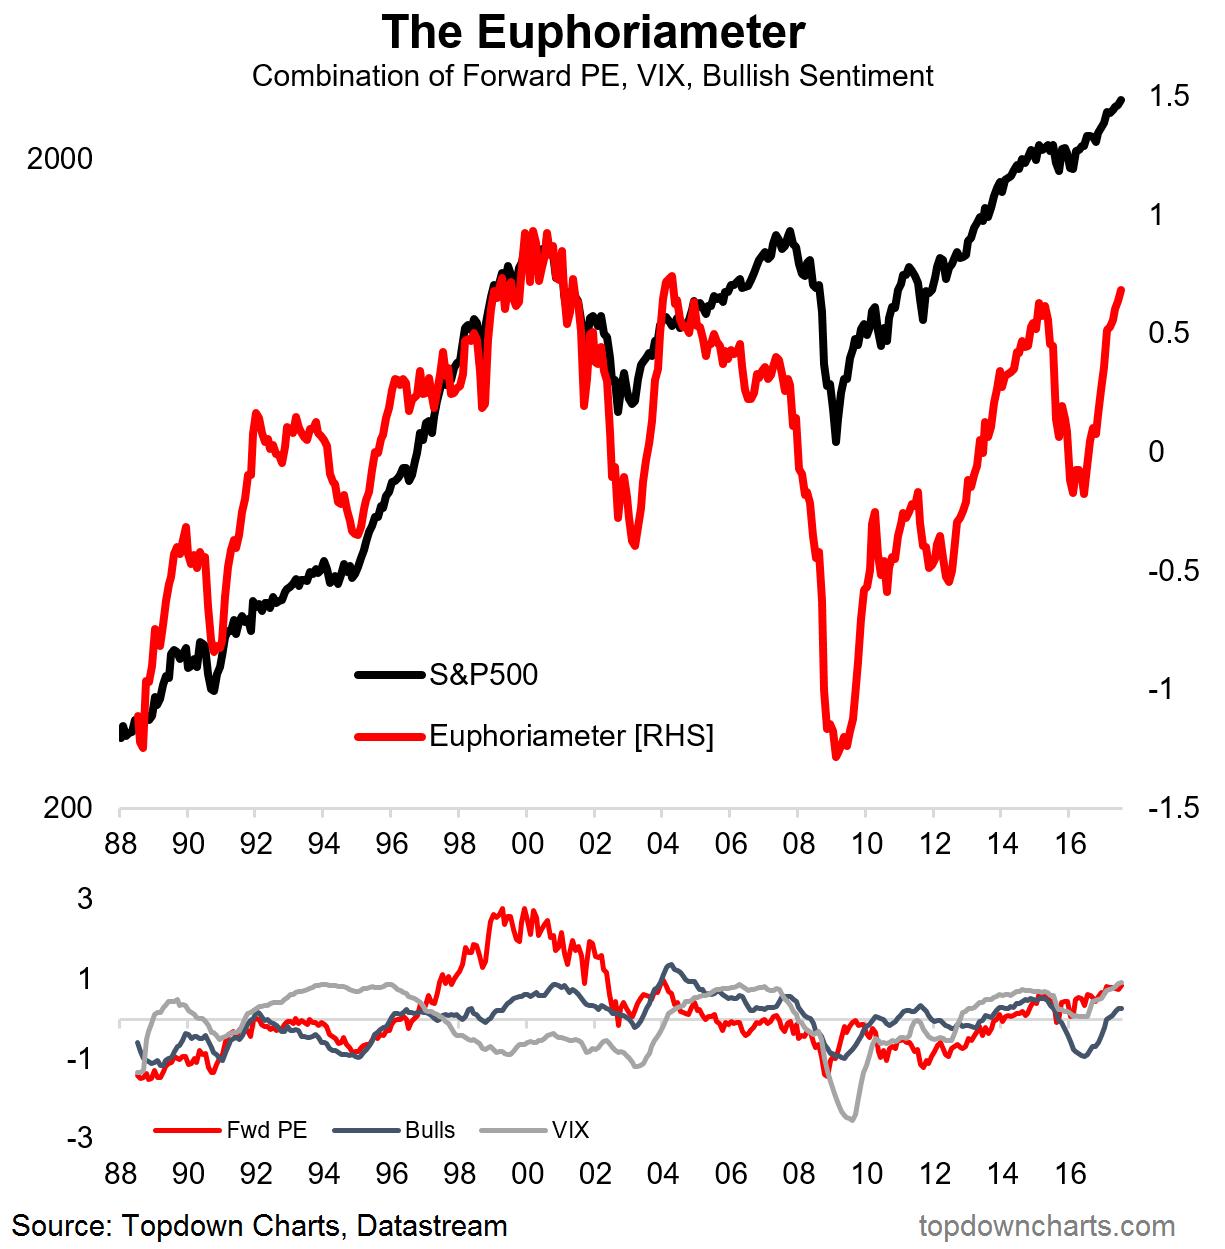 Euphoriameter